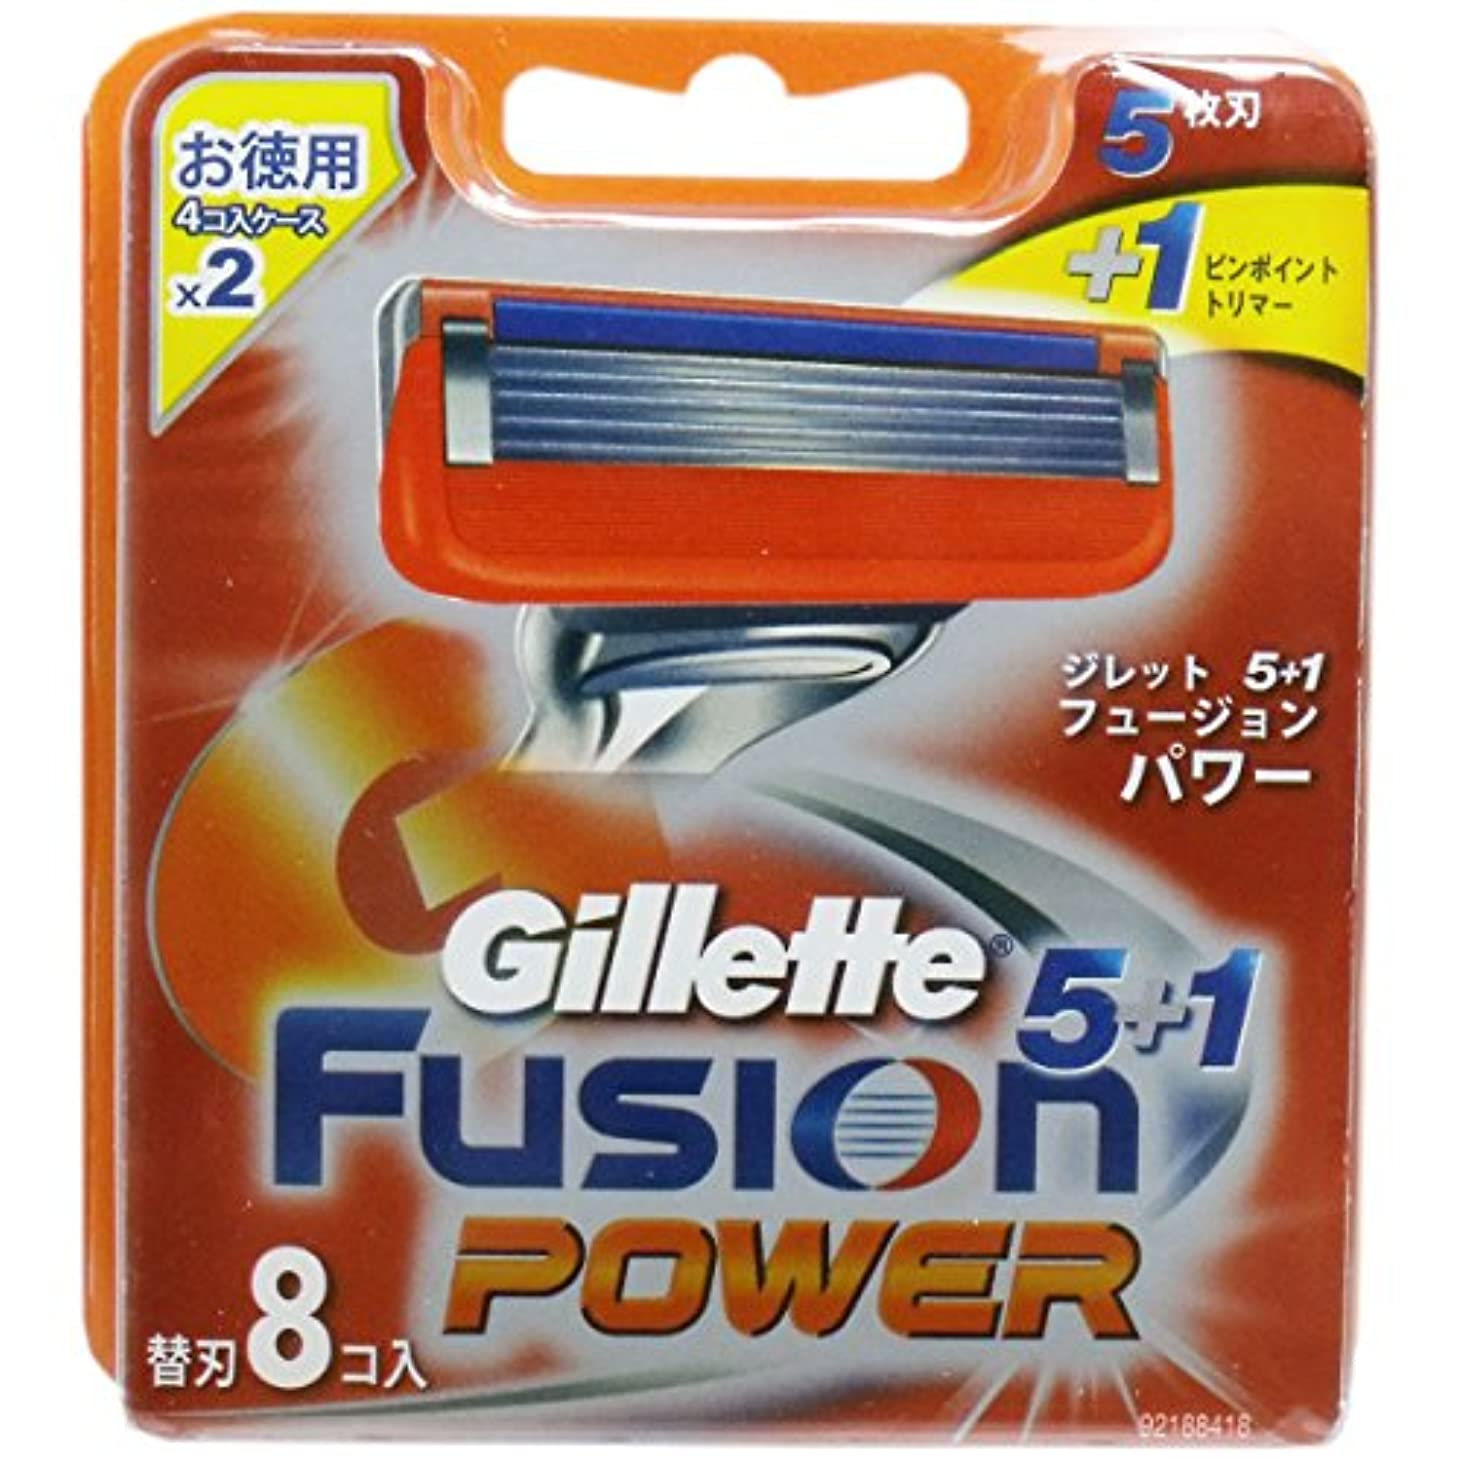 想像力豊かなログ呪いジレット フュージョン5+1 パワー 替刃8個入×10個セット